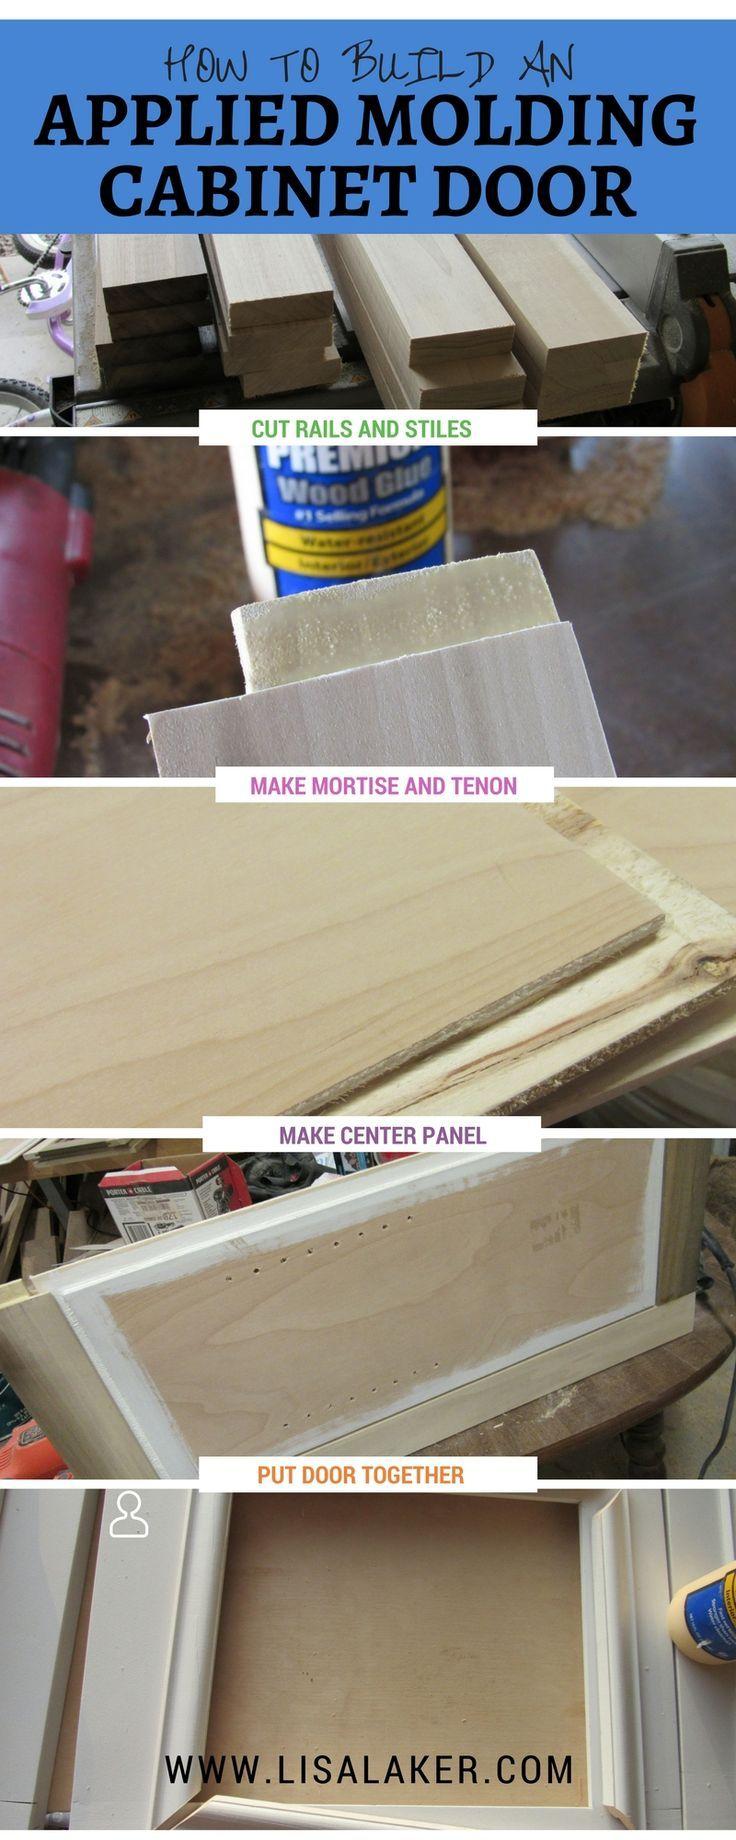 How to build a cabinet door dress up your shaker door by adding how to build a cabinet door dress up your shaker door by adding applied molding eventshaper